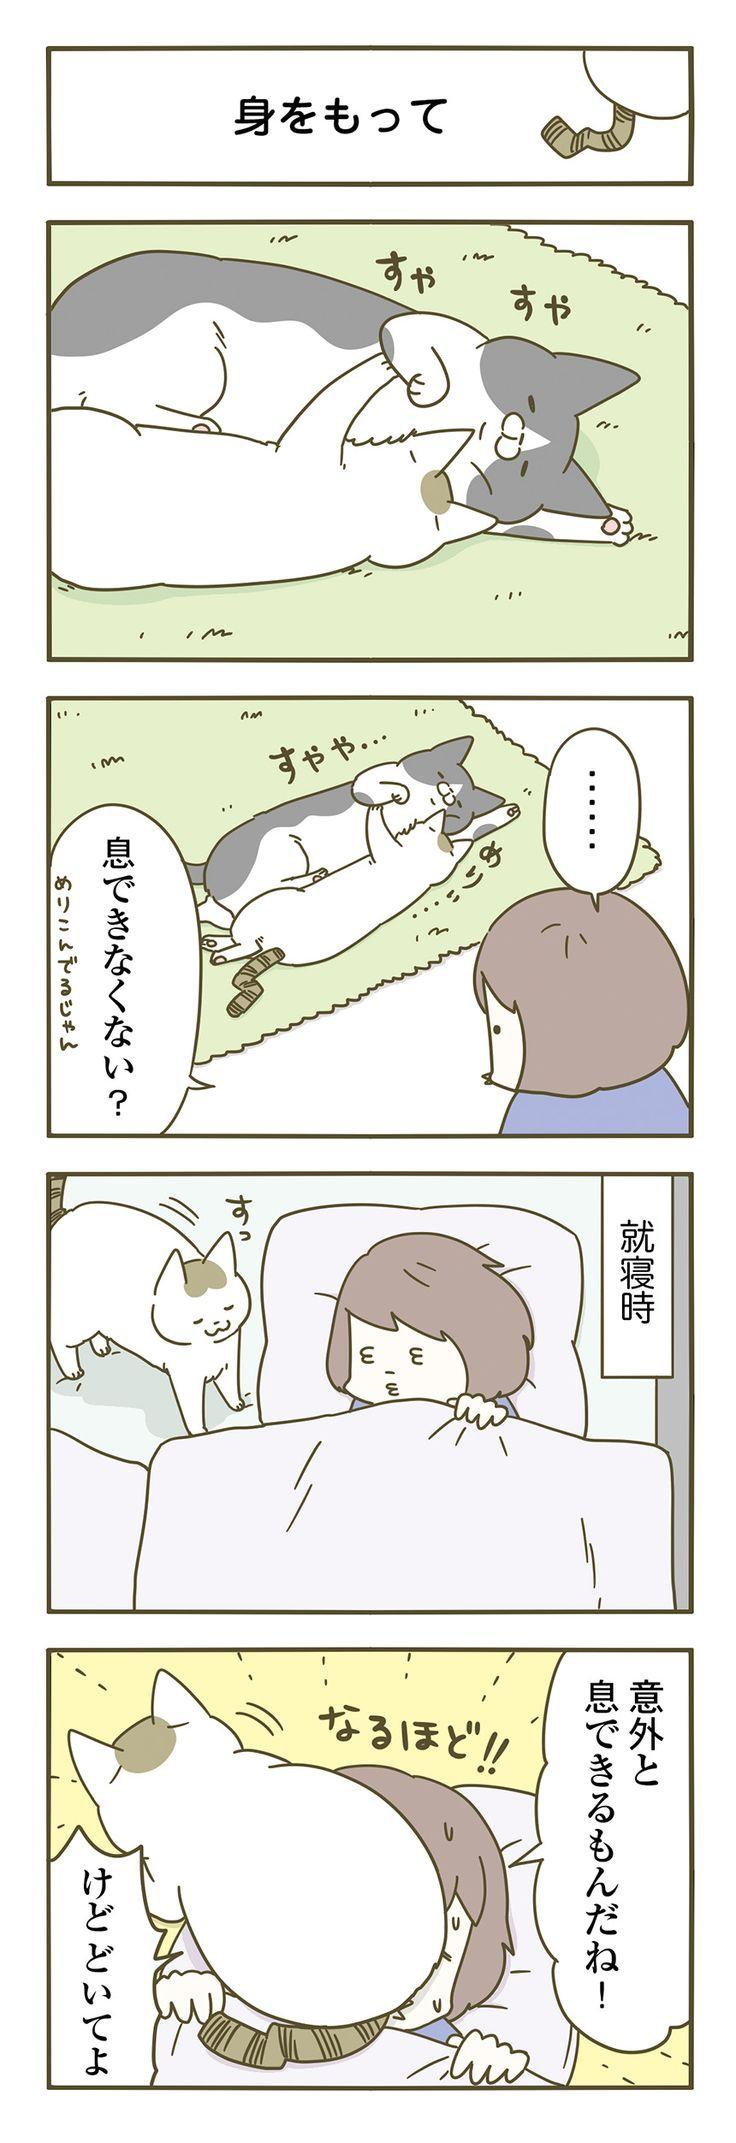 【期間限定!毎日連載】「うちの猫がまた変なことしてる。」第14話